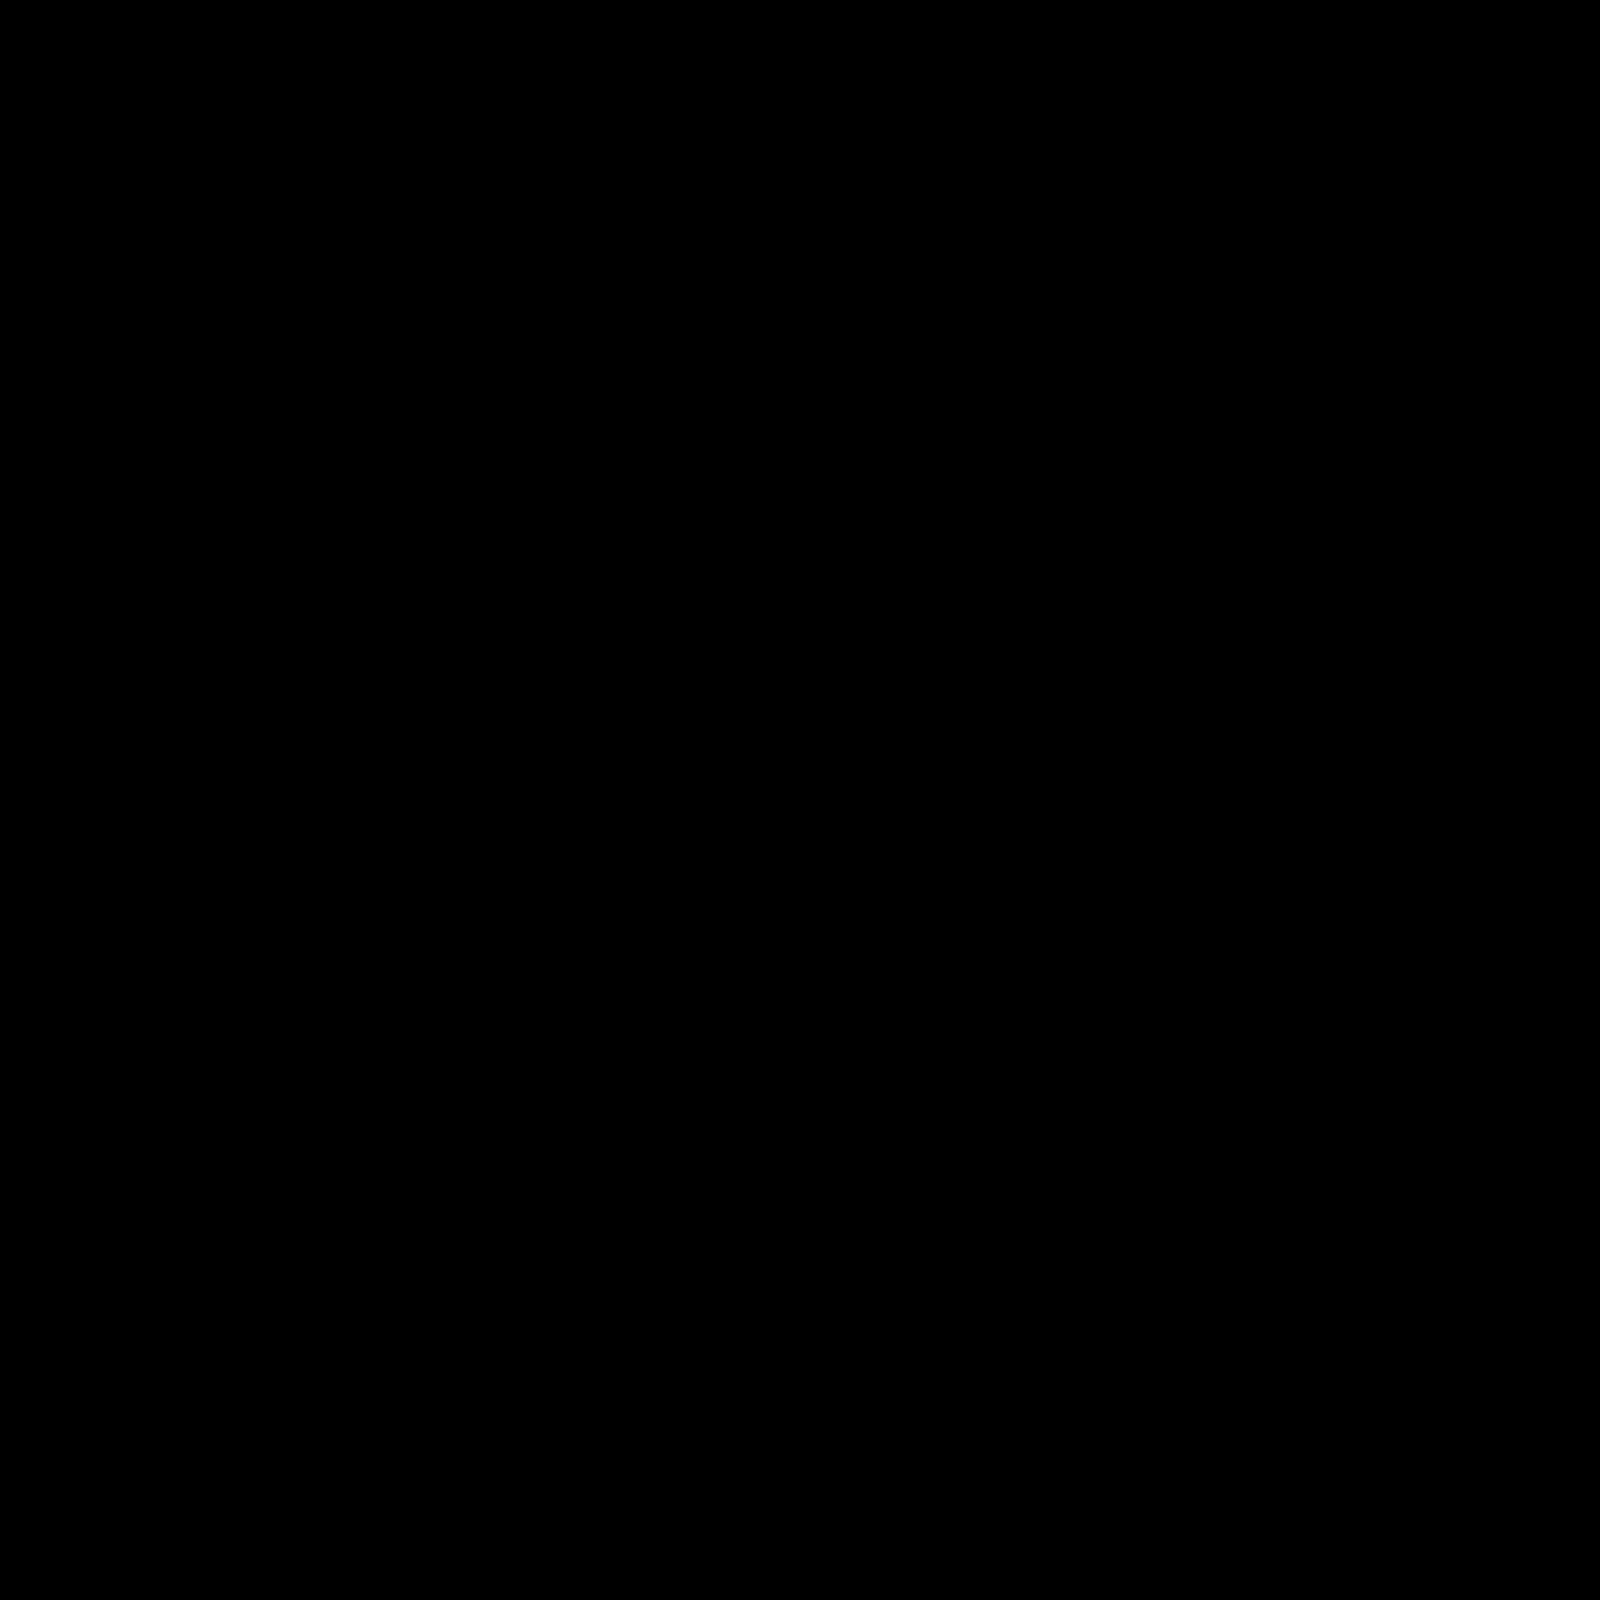 Mens Underwear Filled icon